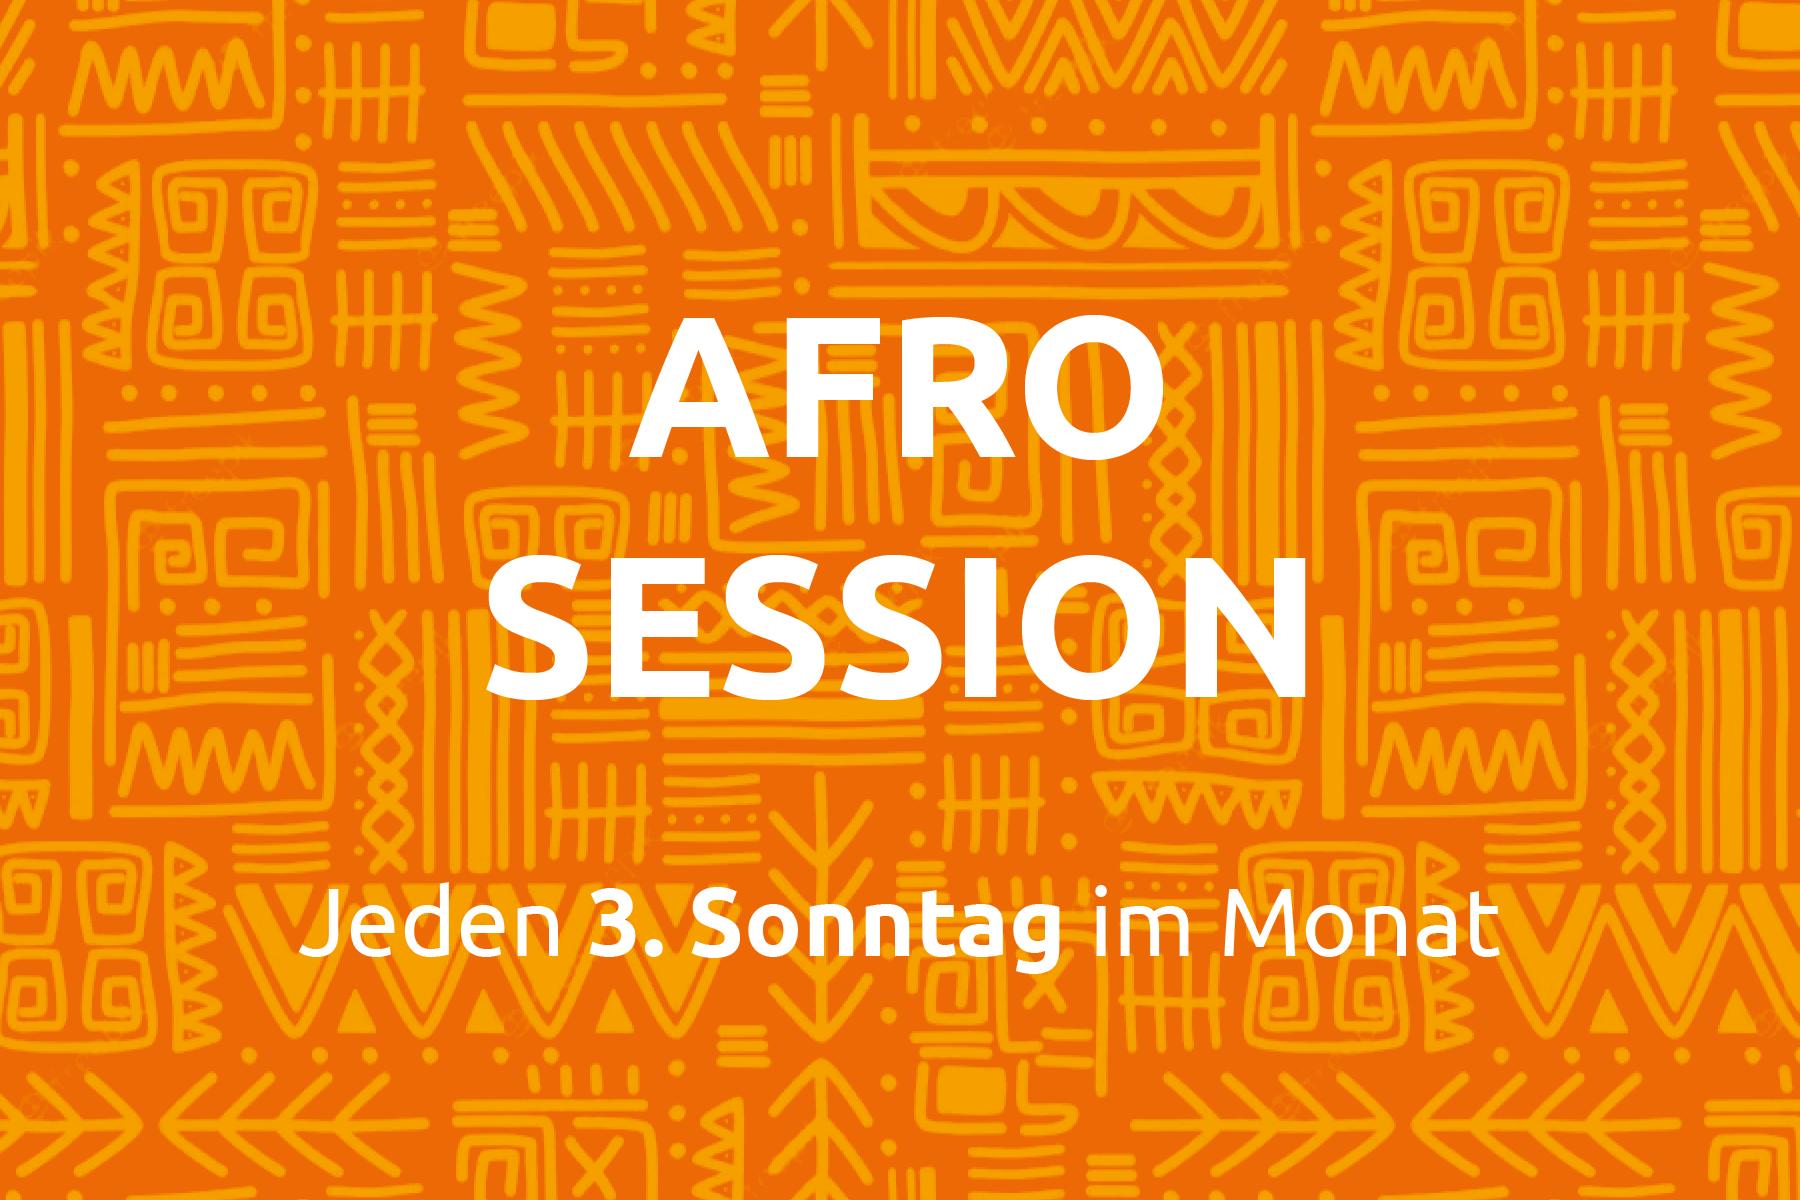 afro_teaser_Session_web